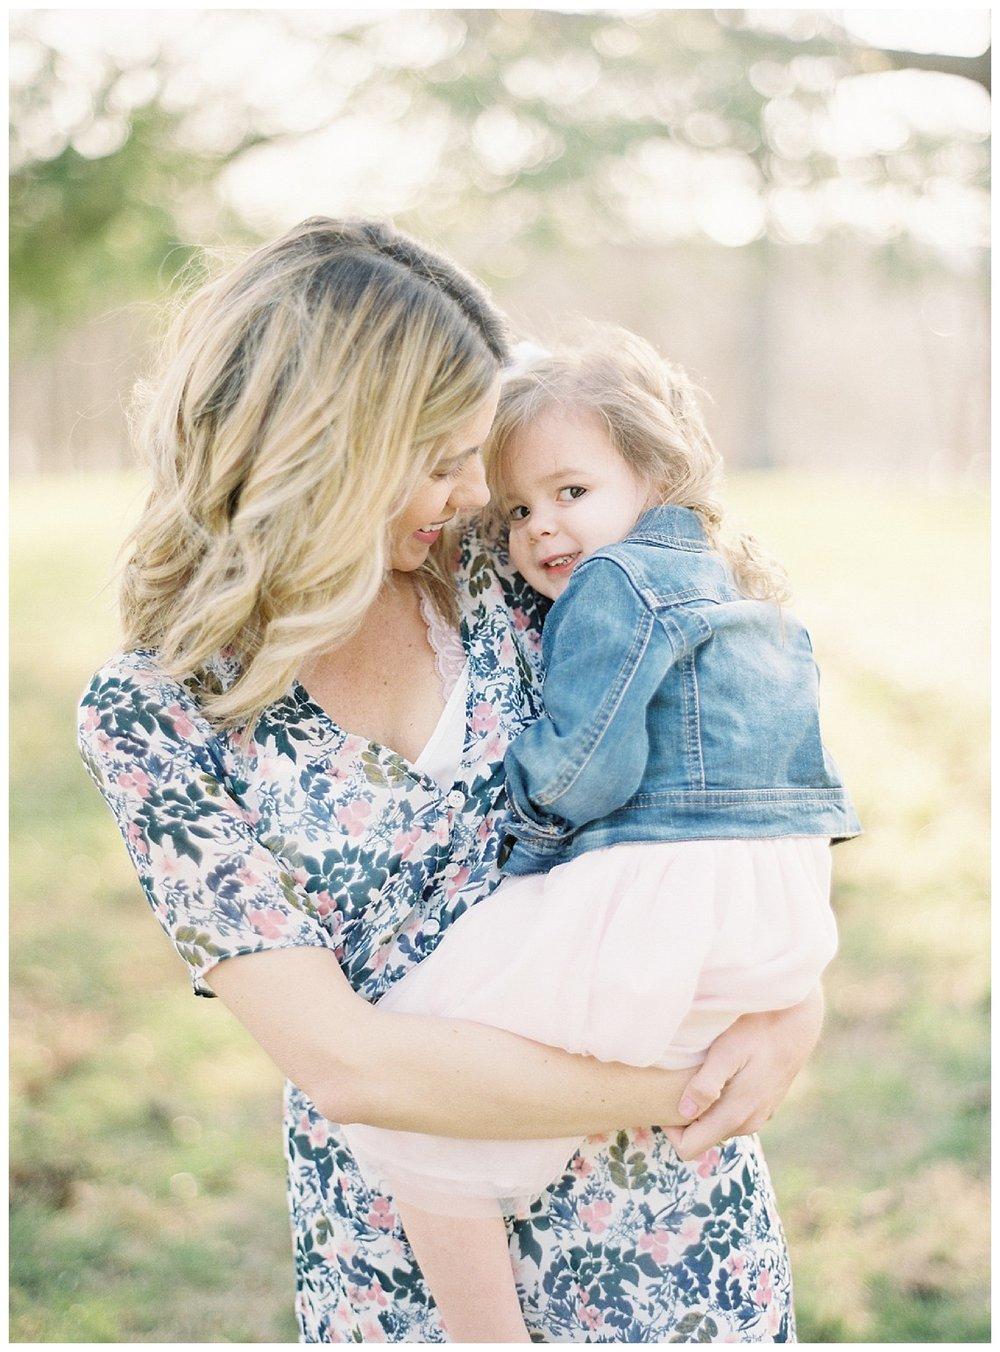 st louis photography_maternity_lauren muckler photography_film_st louis film photographer_0310.jpg